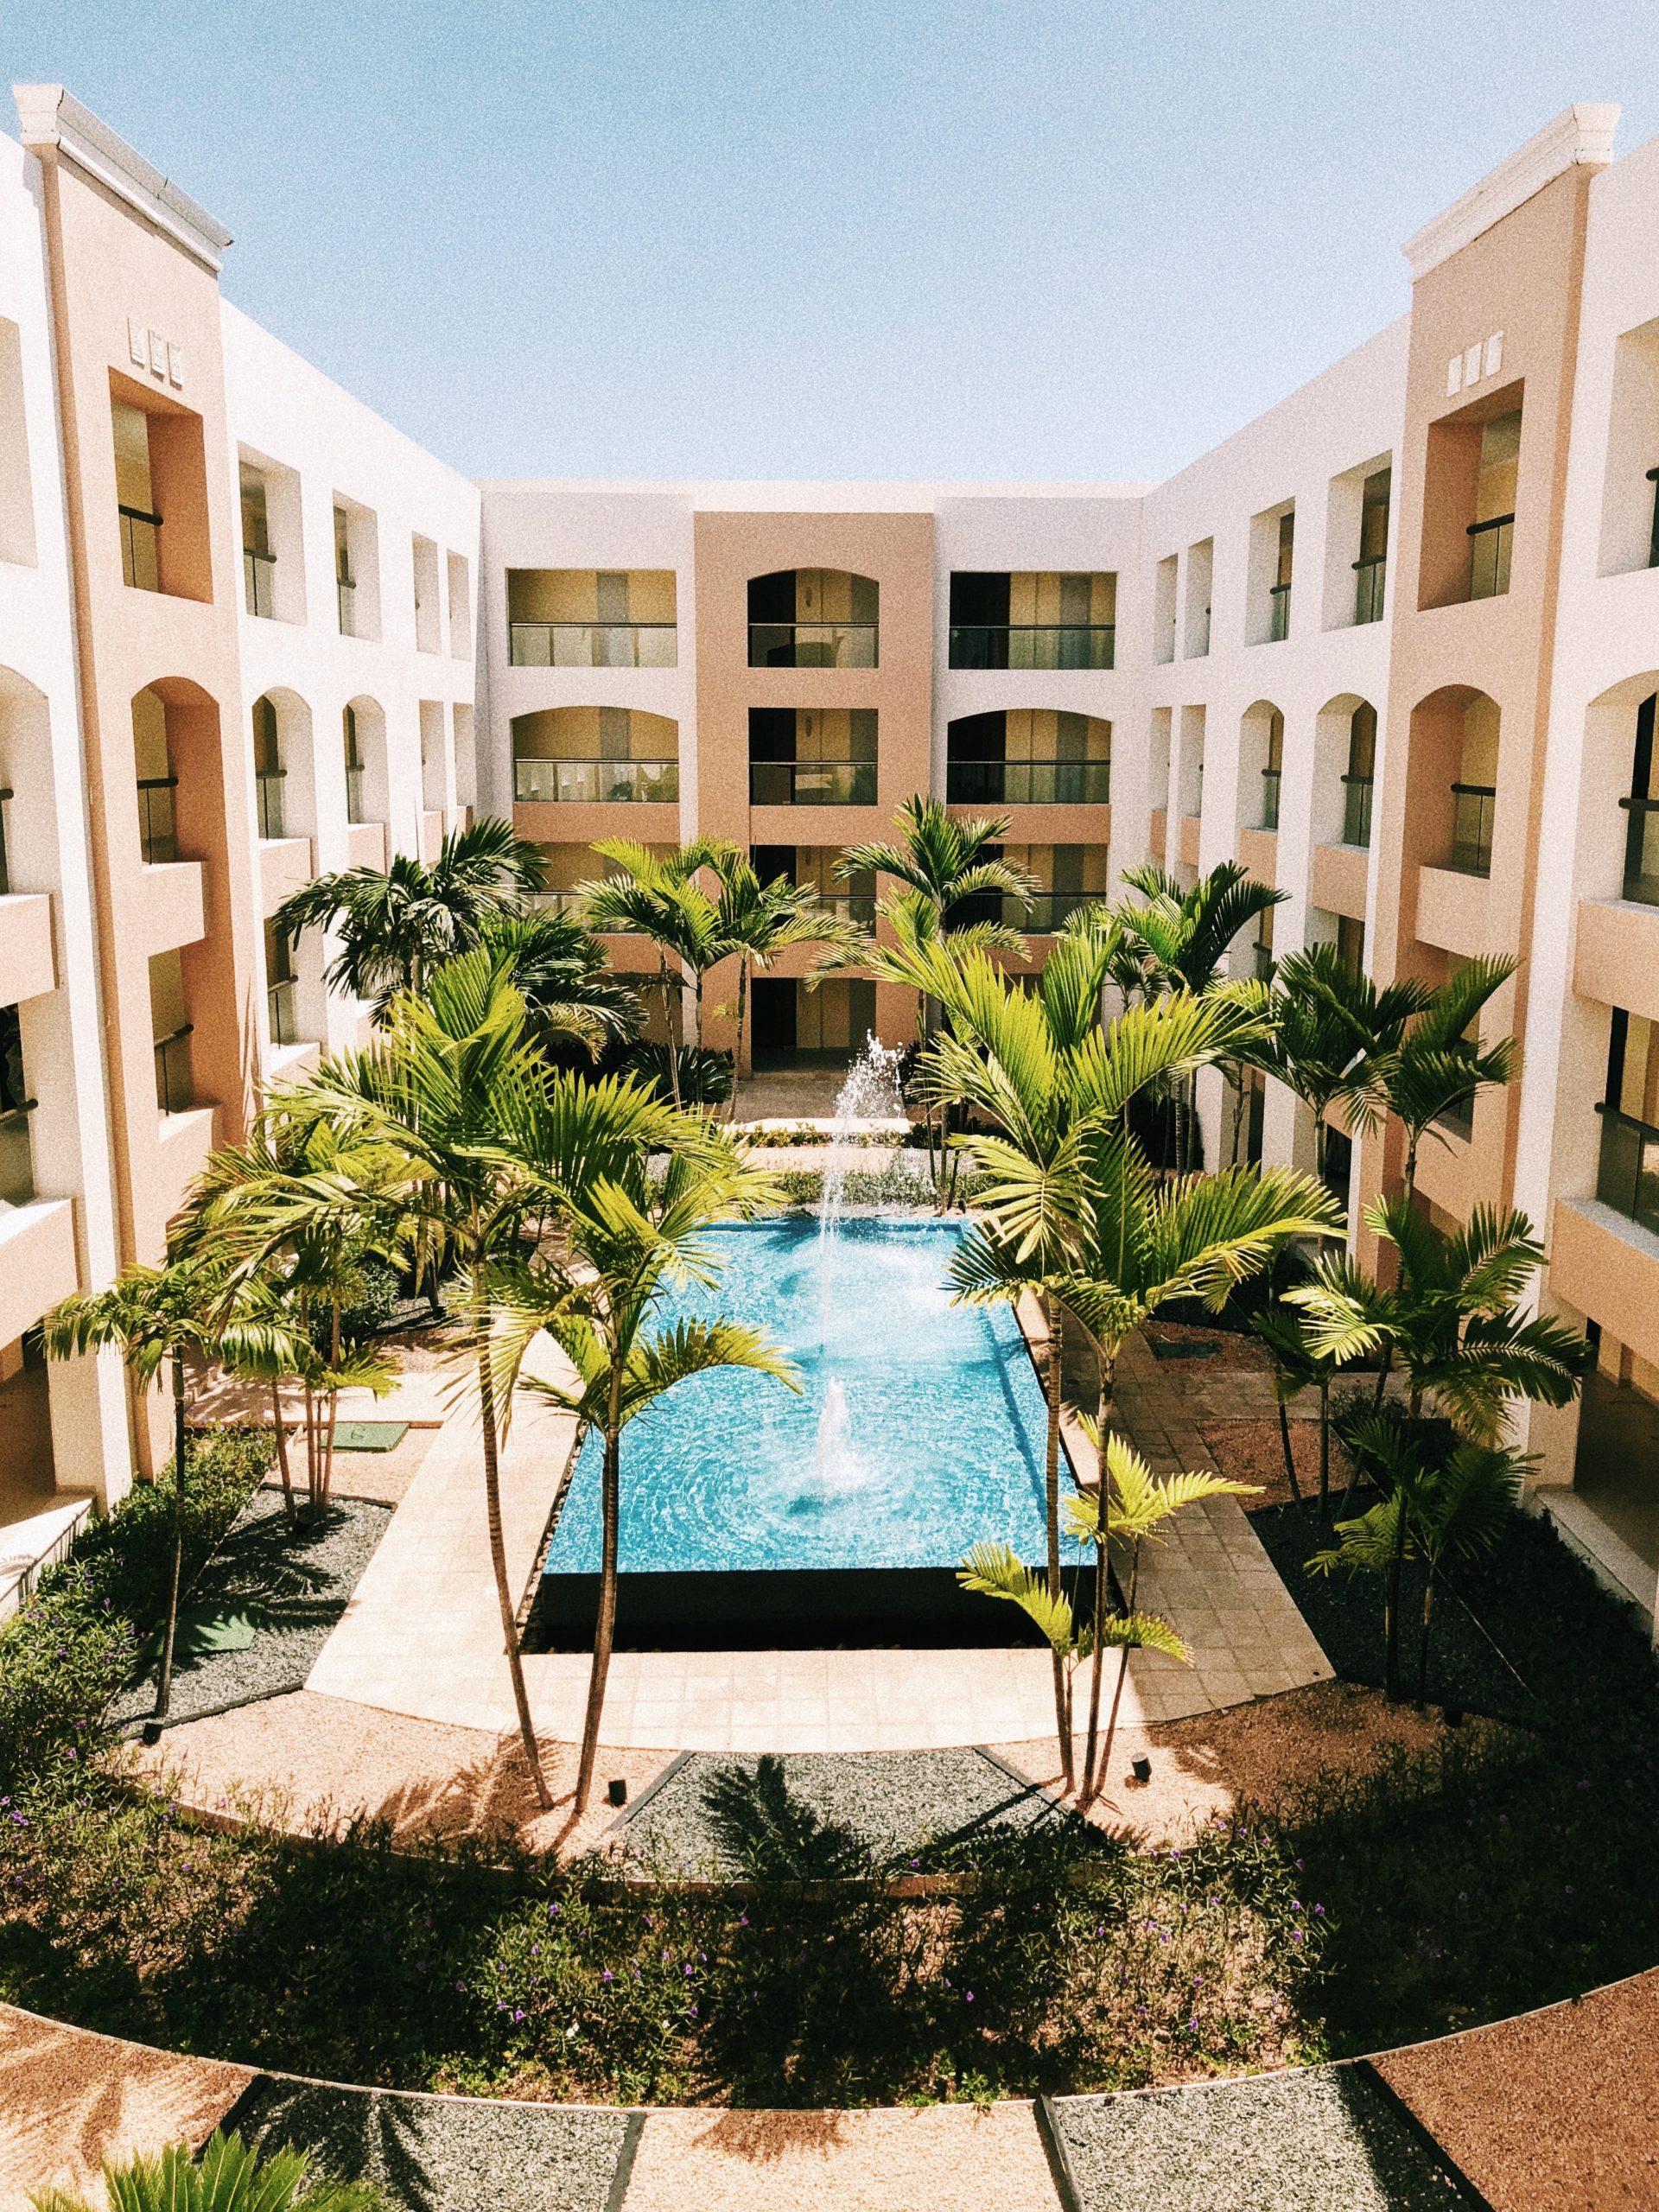 ロナウドの「ホテルを病院として提供」報道はデマ‼誤報が流れた経緯は?ロナウドのホテルもまとめ